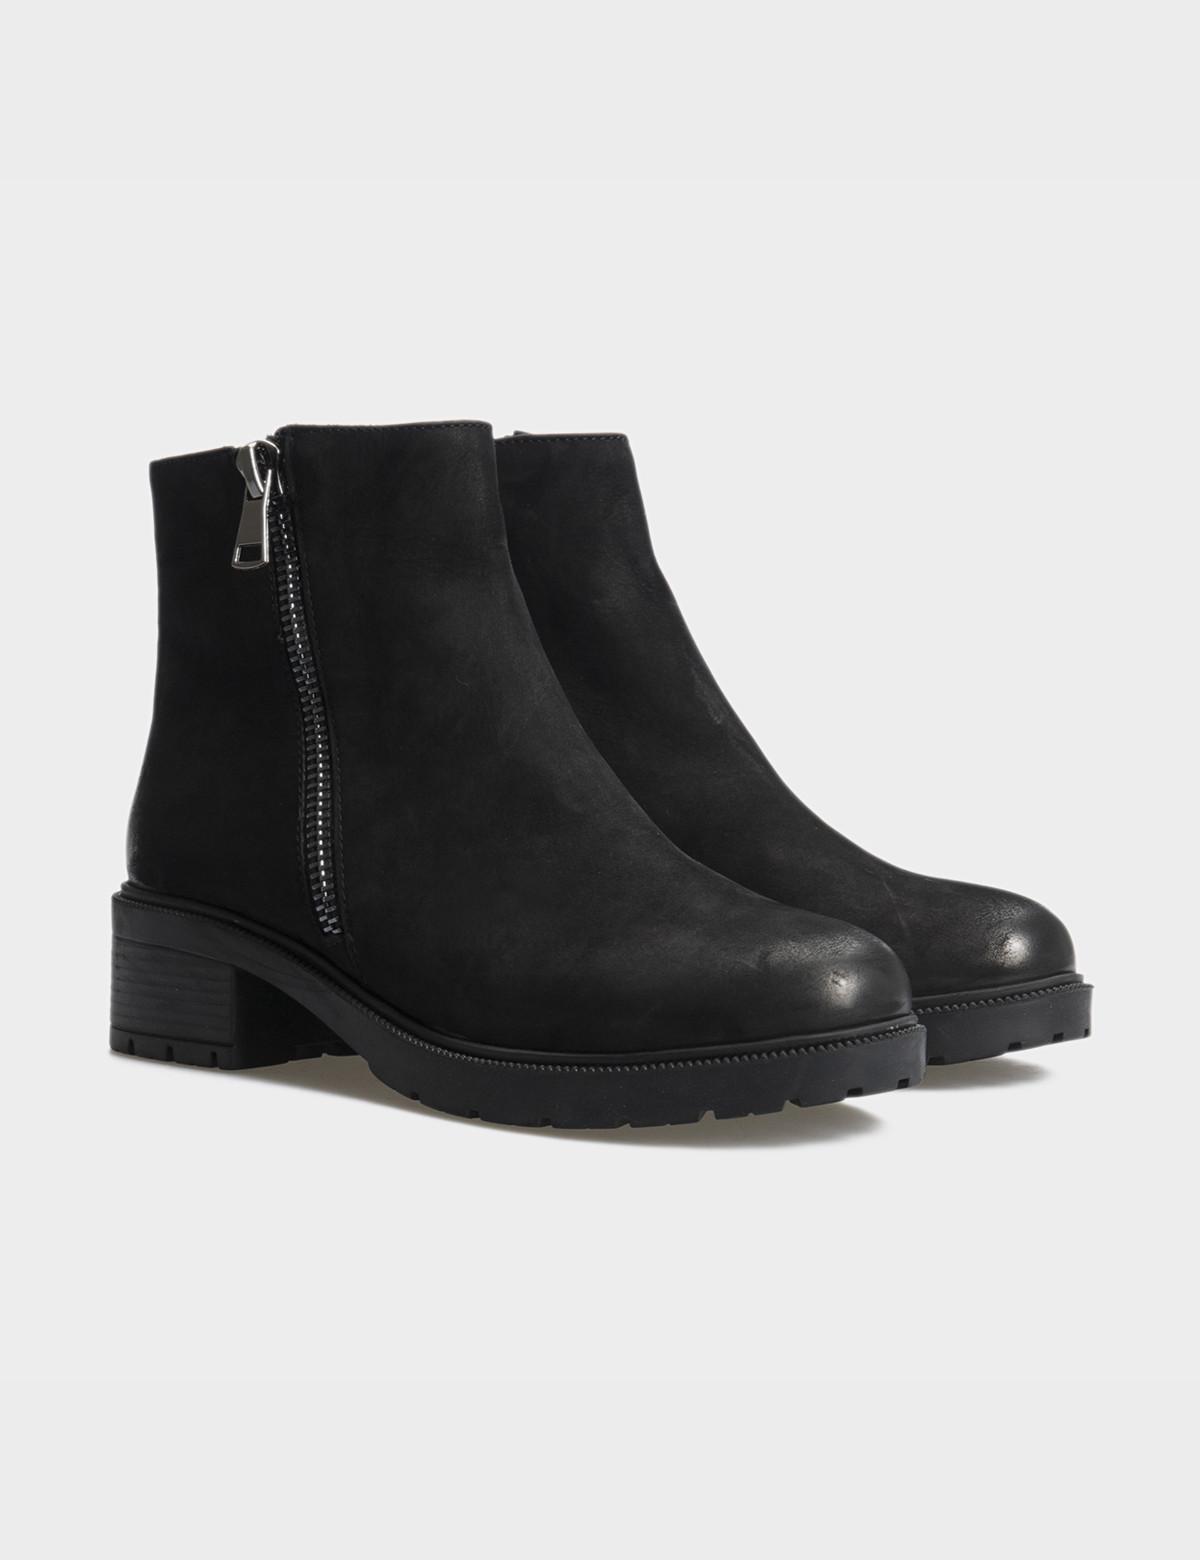 Ботинки черные натуральный нубук. Шерсть1